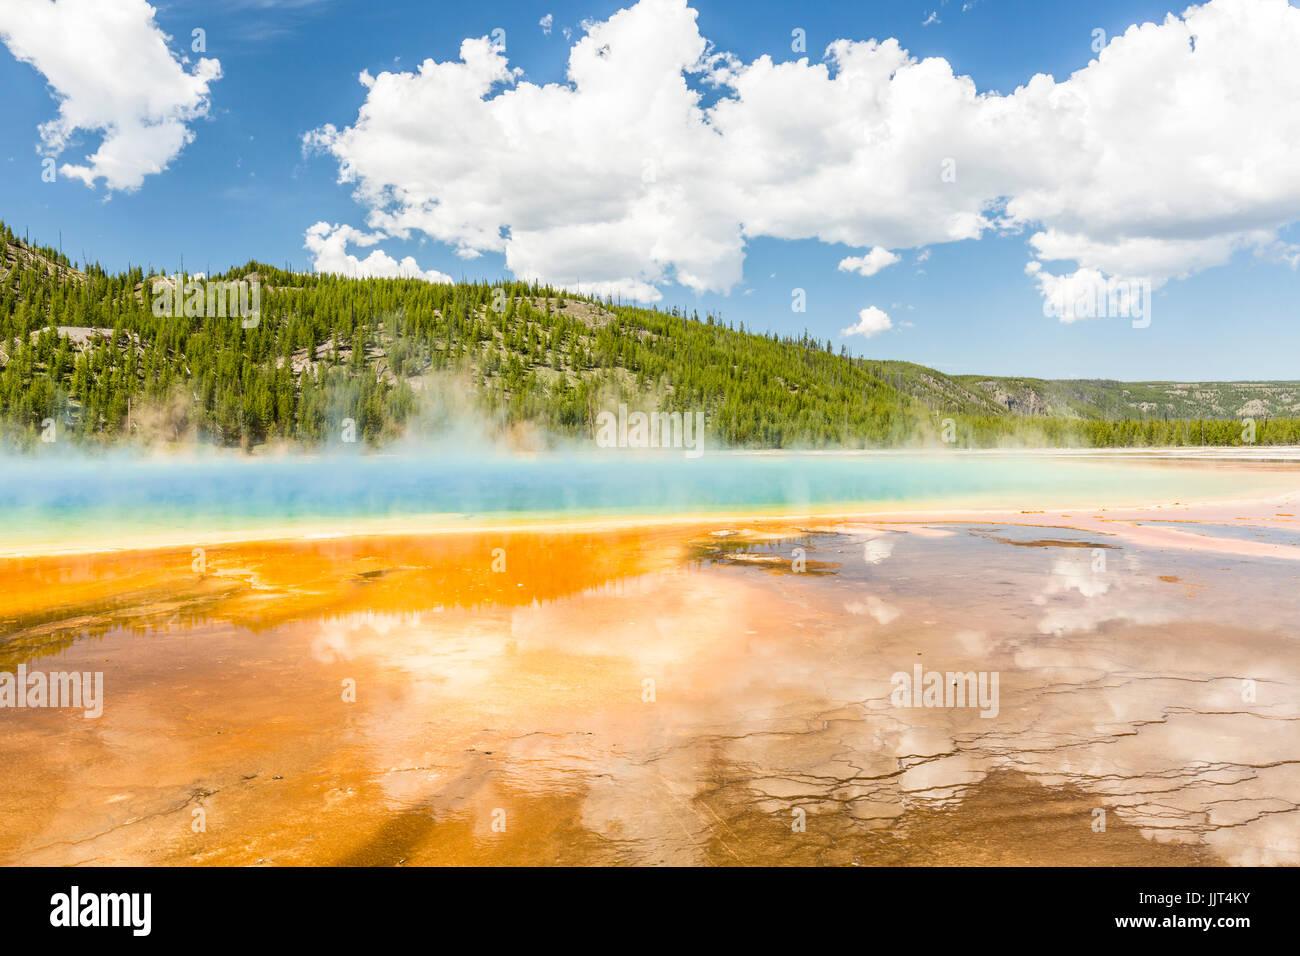 Las nubes reflejan en los vívidos colores del arco iris de la Grand Prismatic Spring, en el Parque Nacional Yellowstone, Wyoming Foto de stock